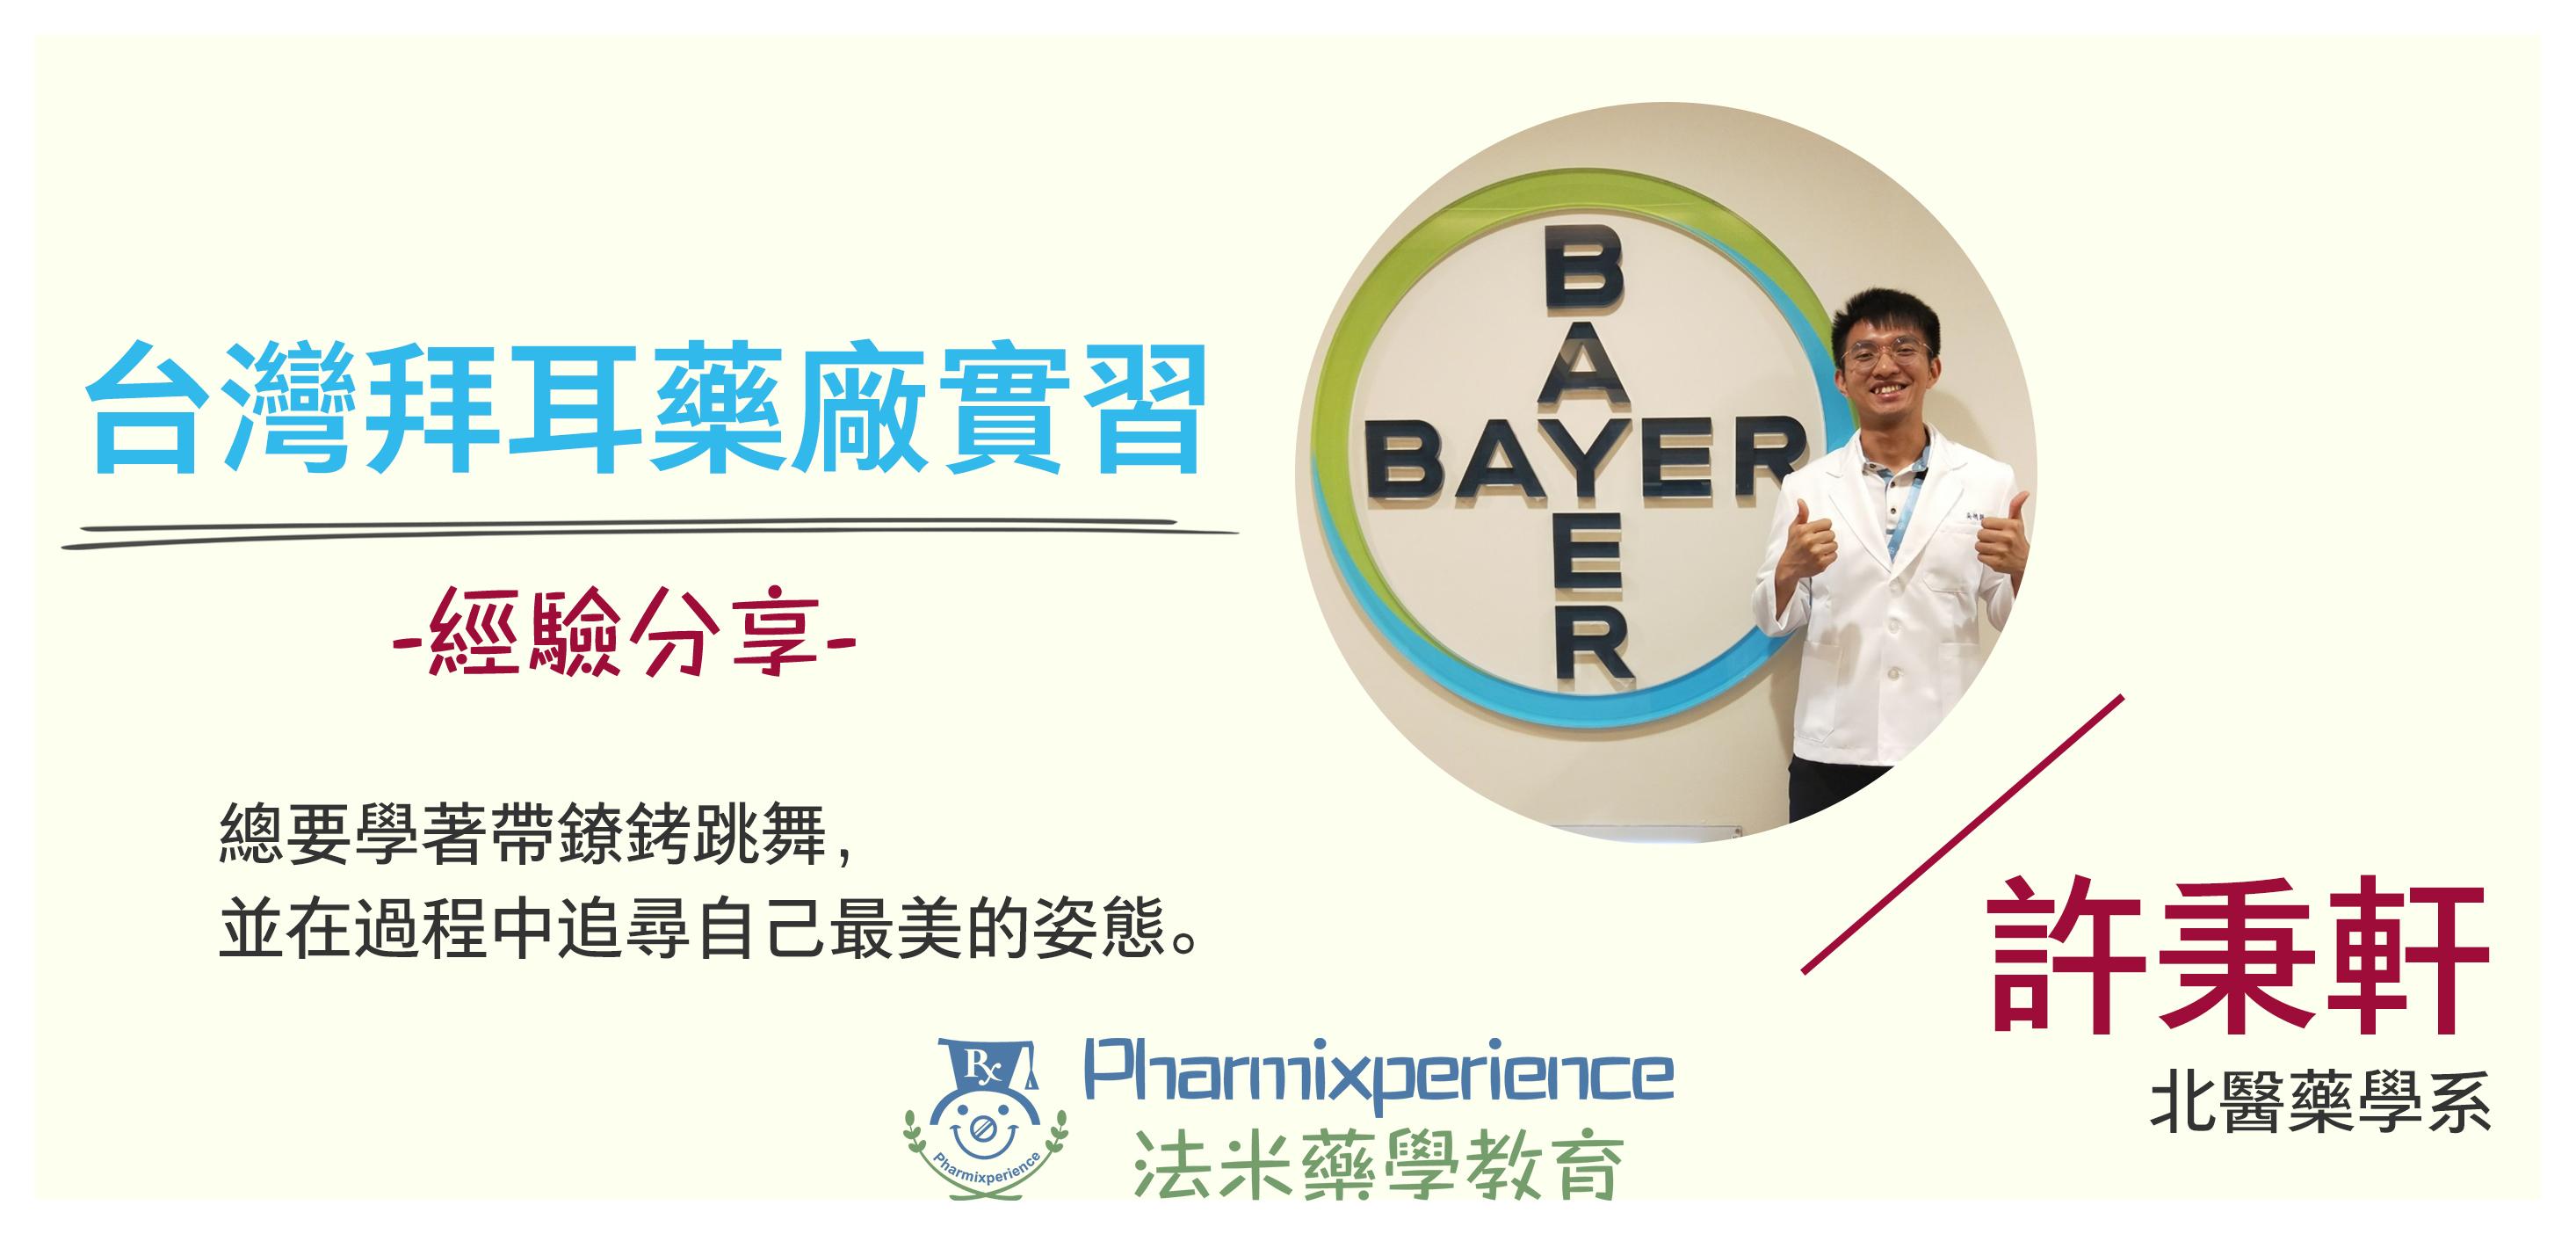 臺灣拜耳藥廠暑期實習-許秉軒-經驗分享-法米藥學教育